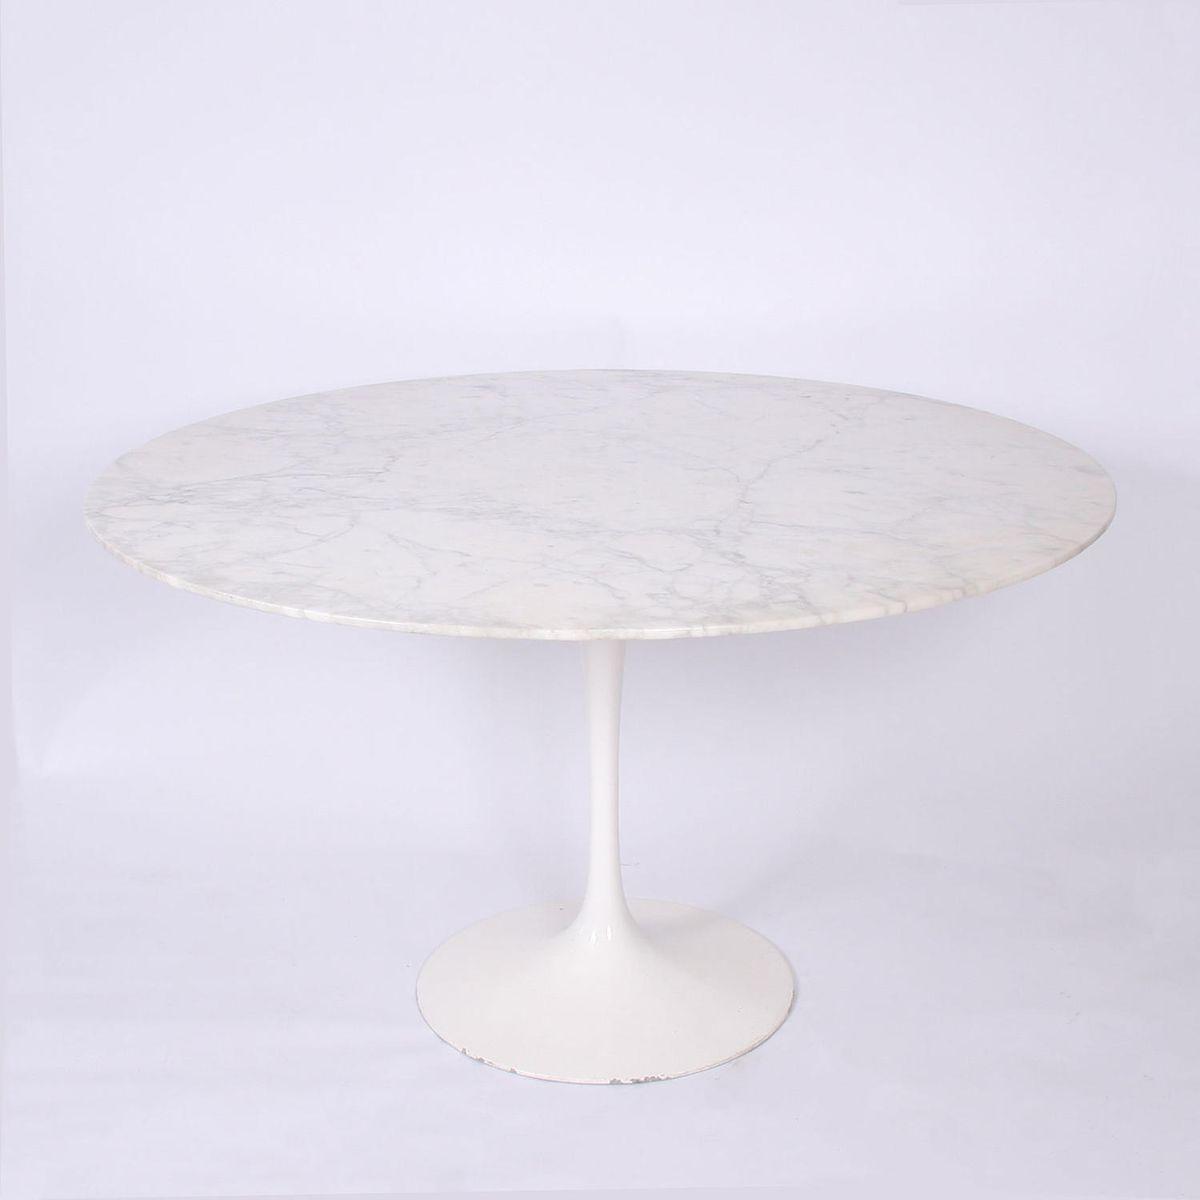 Saarinen Dining Table, 1960s